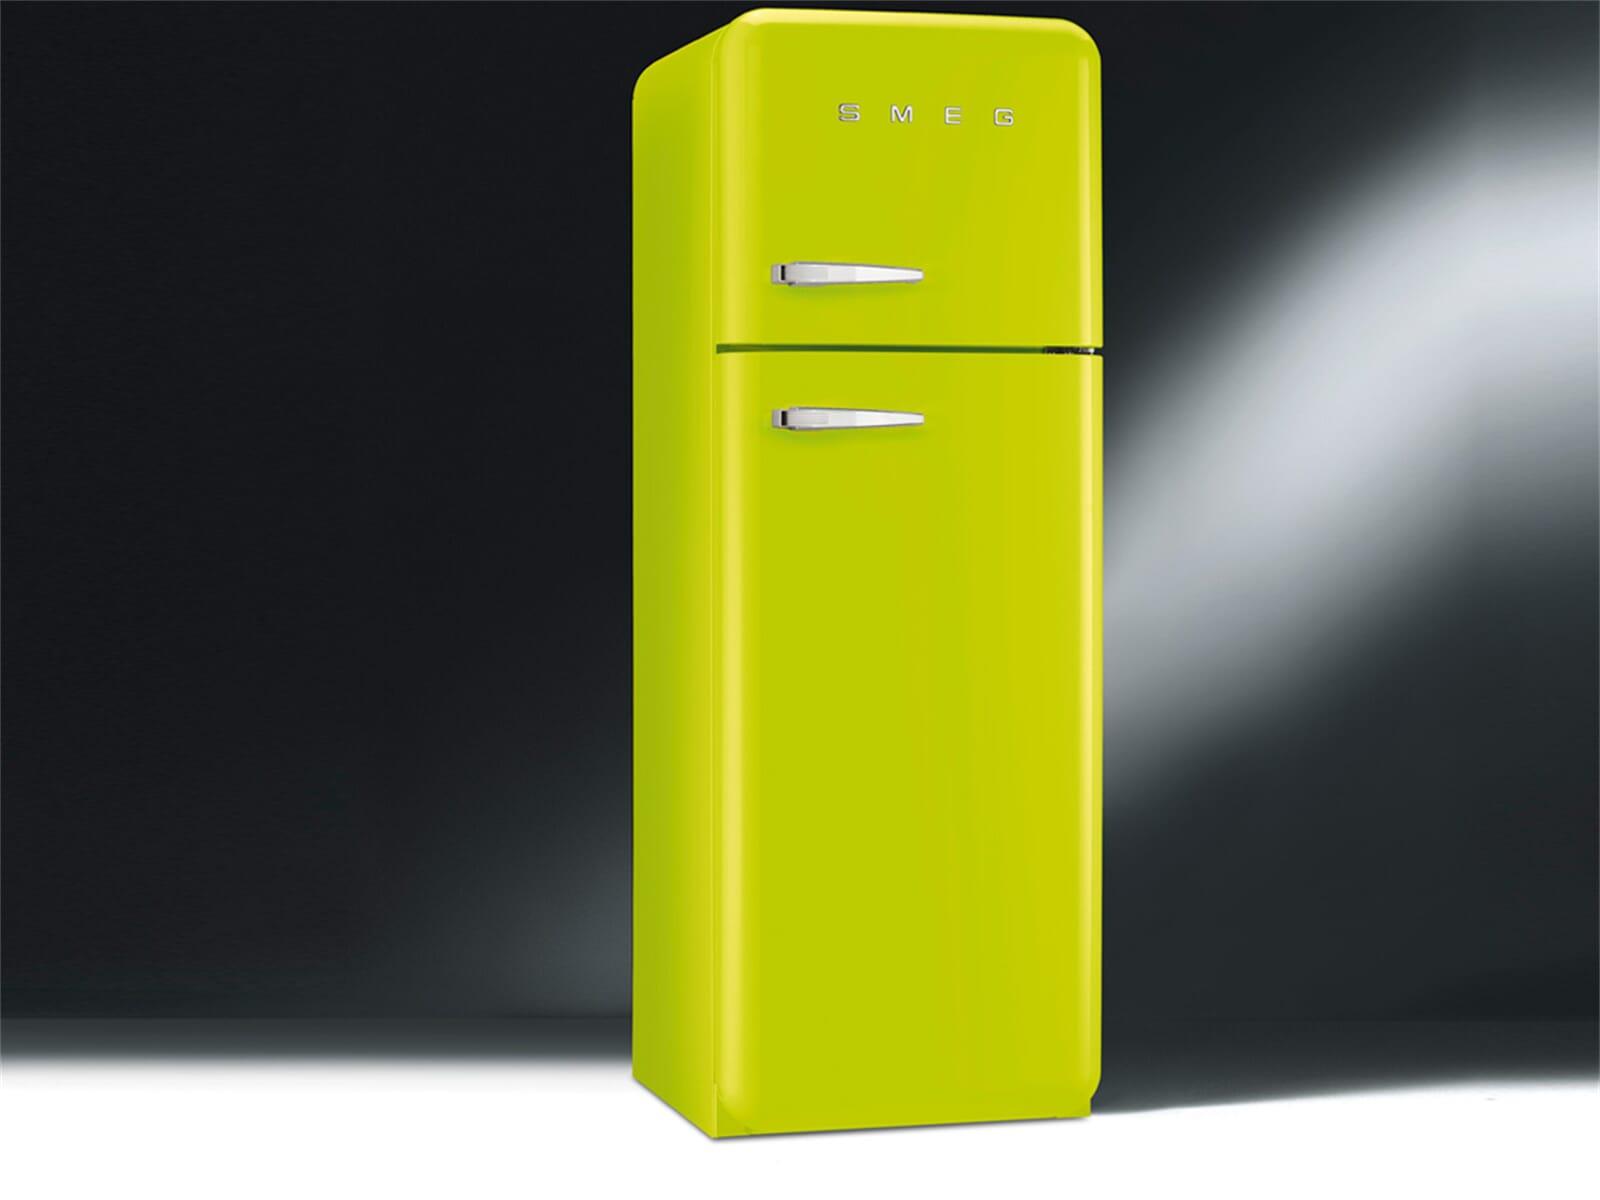 Smeg Kühlschrank Gelb : Rosa kühlschrank stockfotos rosa kühlschrank bilder alamy